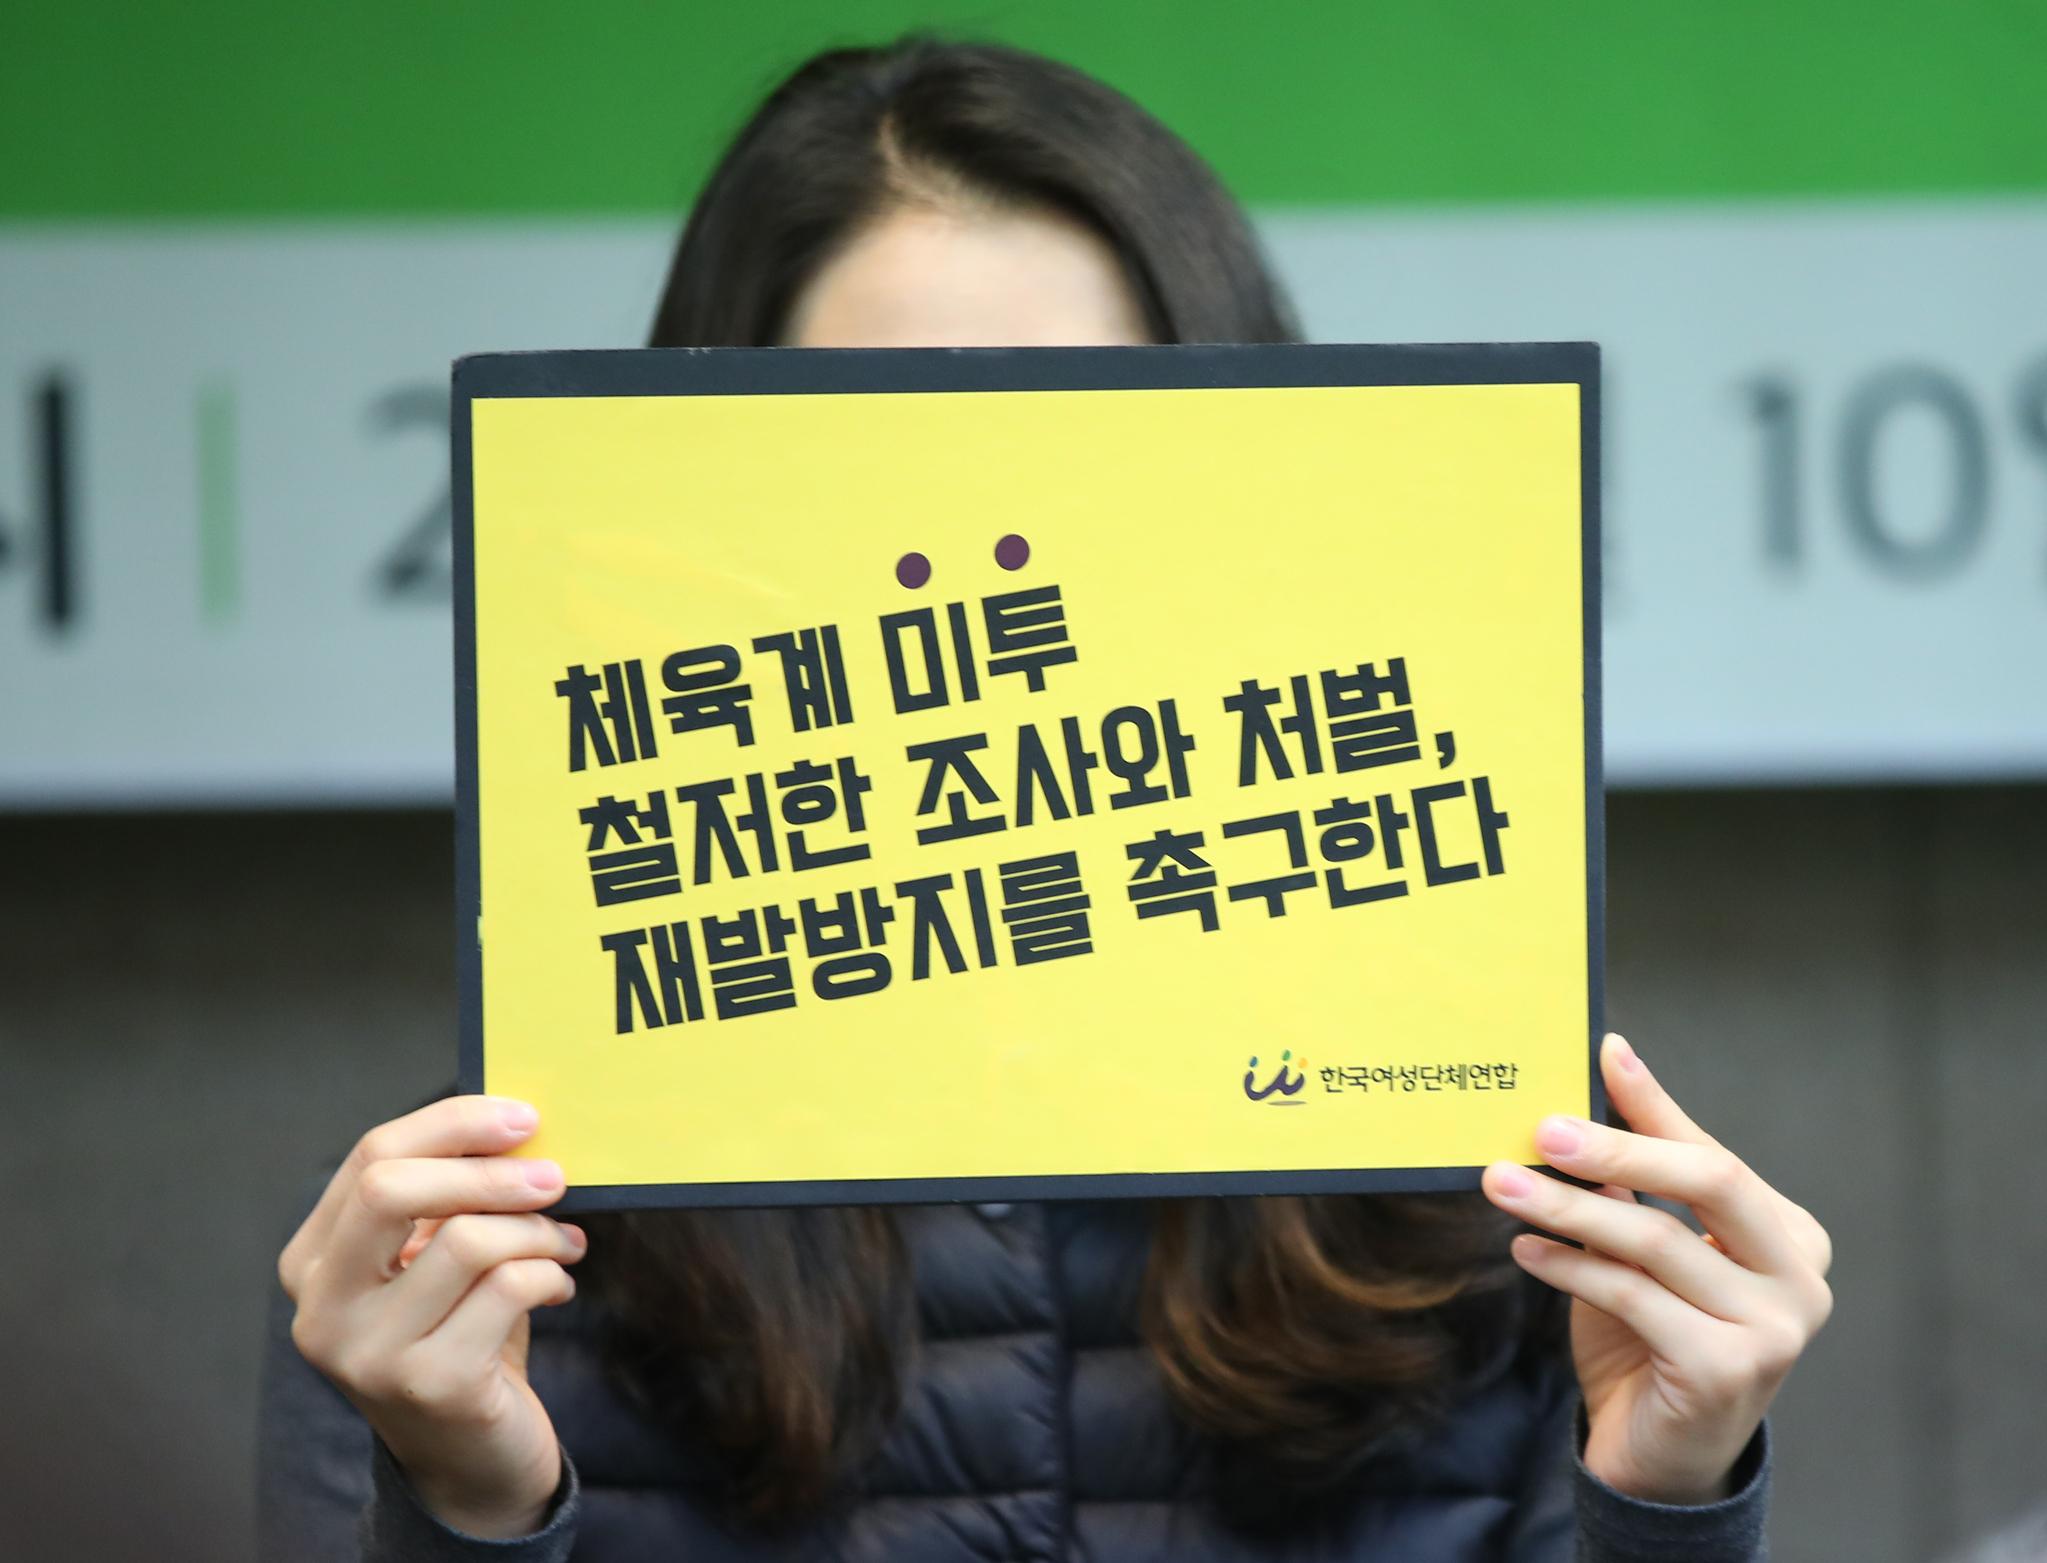 10일 오전 서울 중구 프레스센터에서 열린 스포츠계 성폭력 문제 재발 방지 촉구 기자회견에서 한 참가자가 피켓을 들고 있다. [연합뉴스]